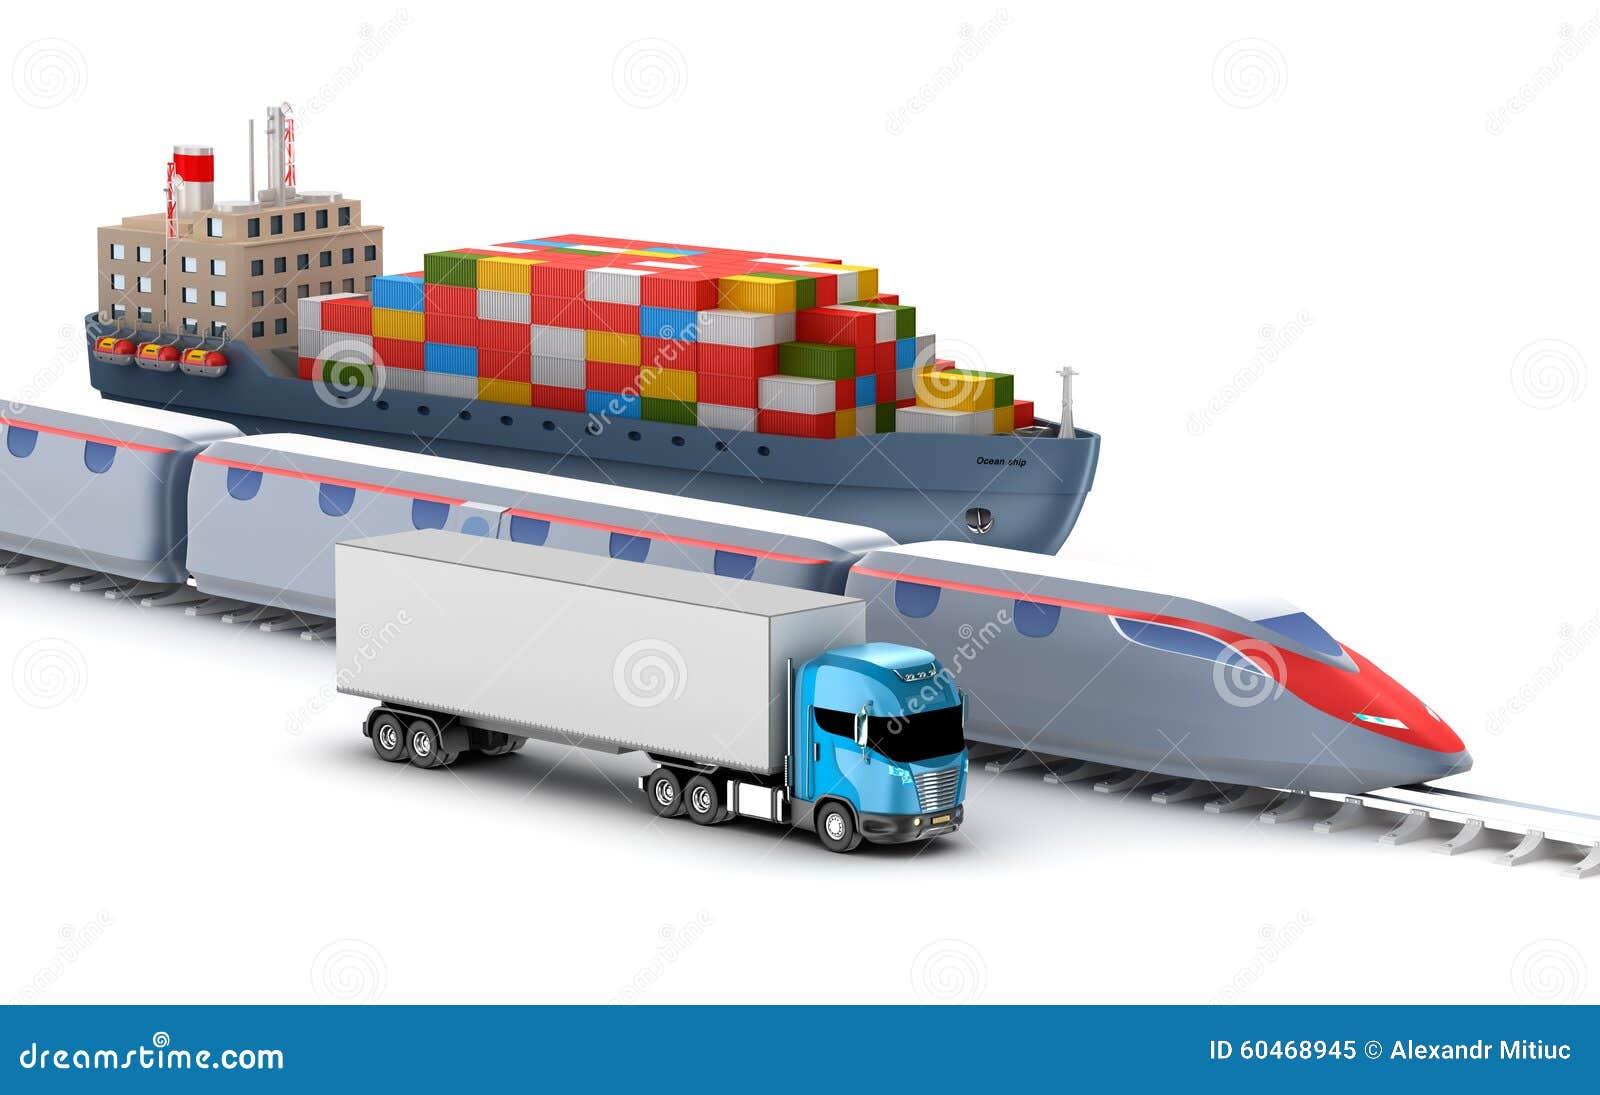 transport de fret par le camion le rail et bateau illustration stock image 60468945. Black Bedroom Furniture Sets. Home Design Ideas